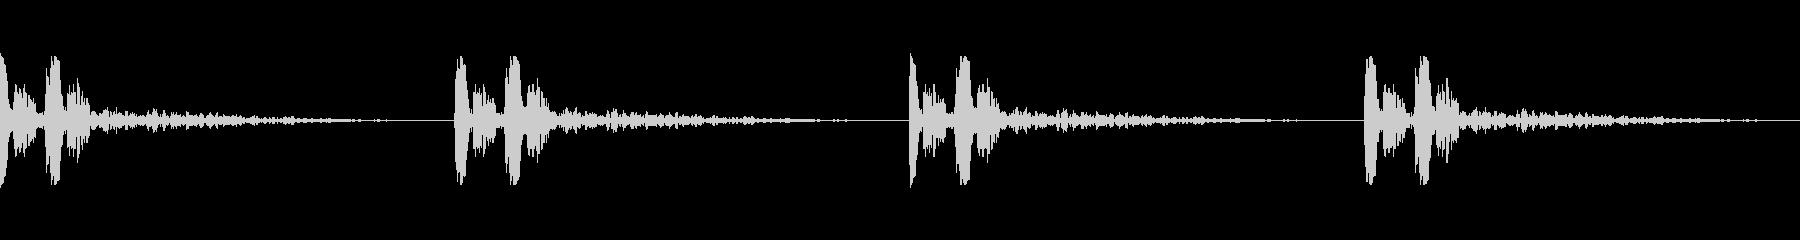 心臓の鼓動音の未再生の波形